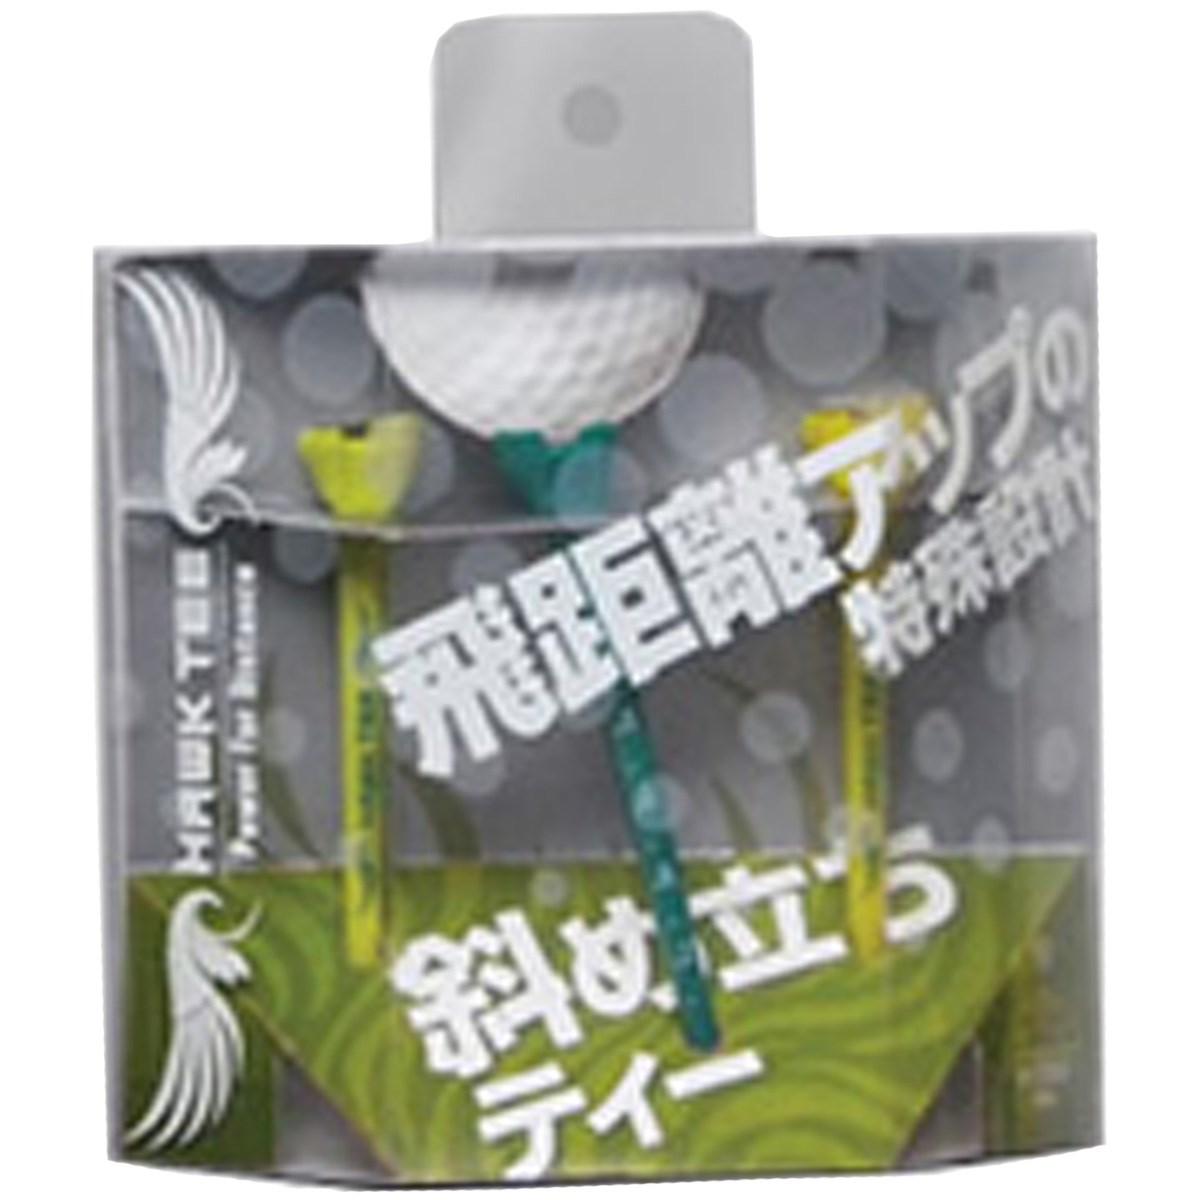 ホークティー ドラコン競技公認ティー 85mm(3本入り) グリーン/イエロー/ライム